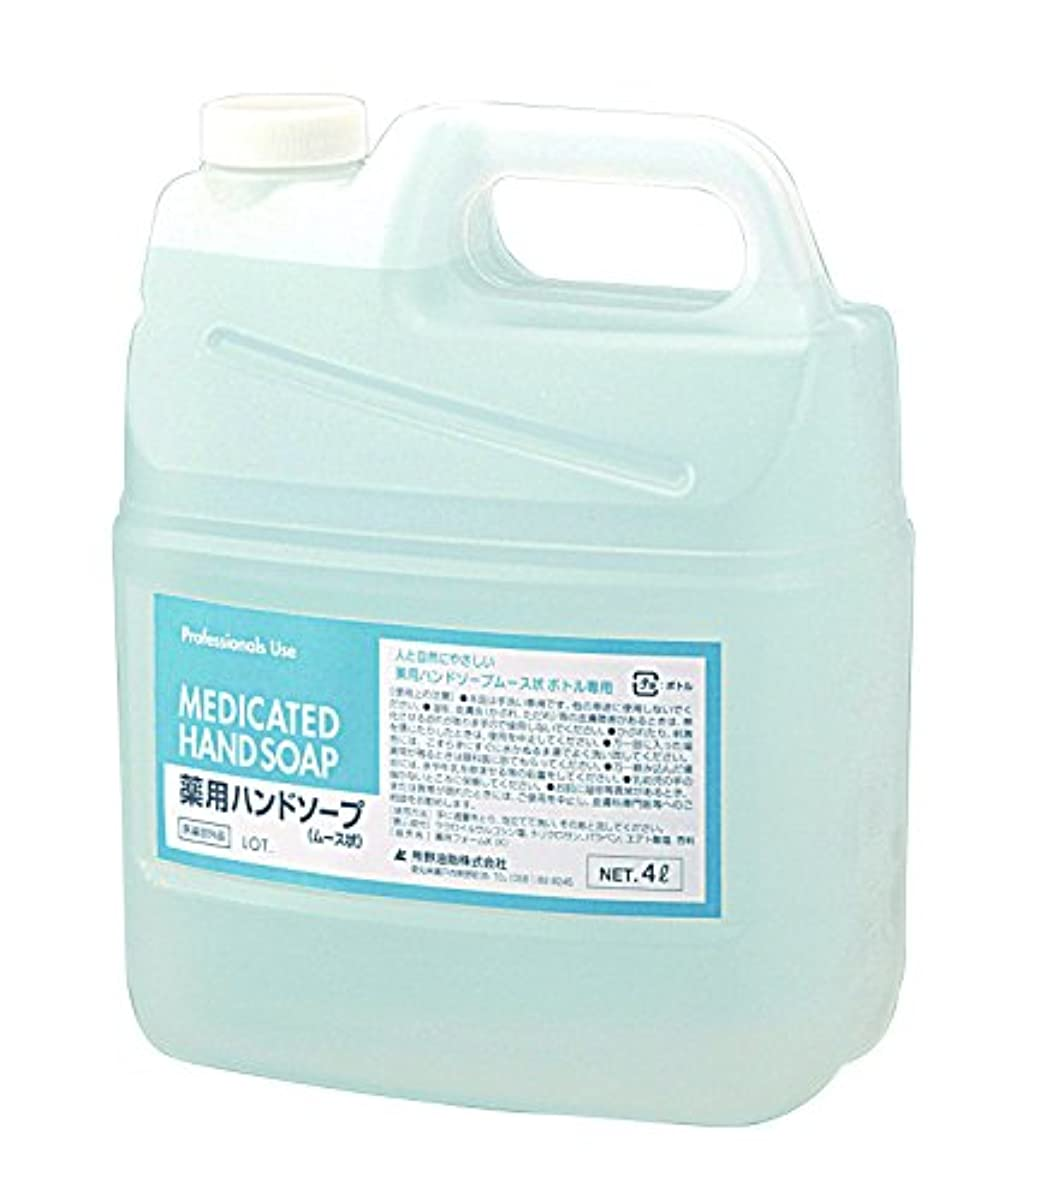 エージェントあいさつ促進するセディア薬用ハンドソープ(泡タイプ) 4L /8-6279-11 [医薬部外品]